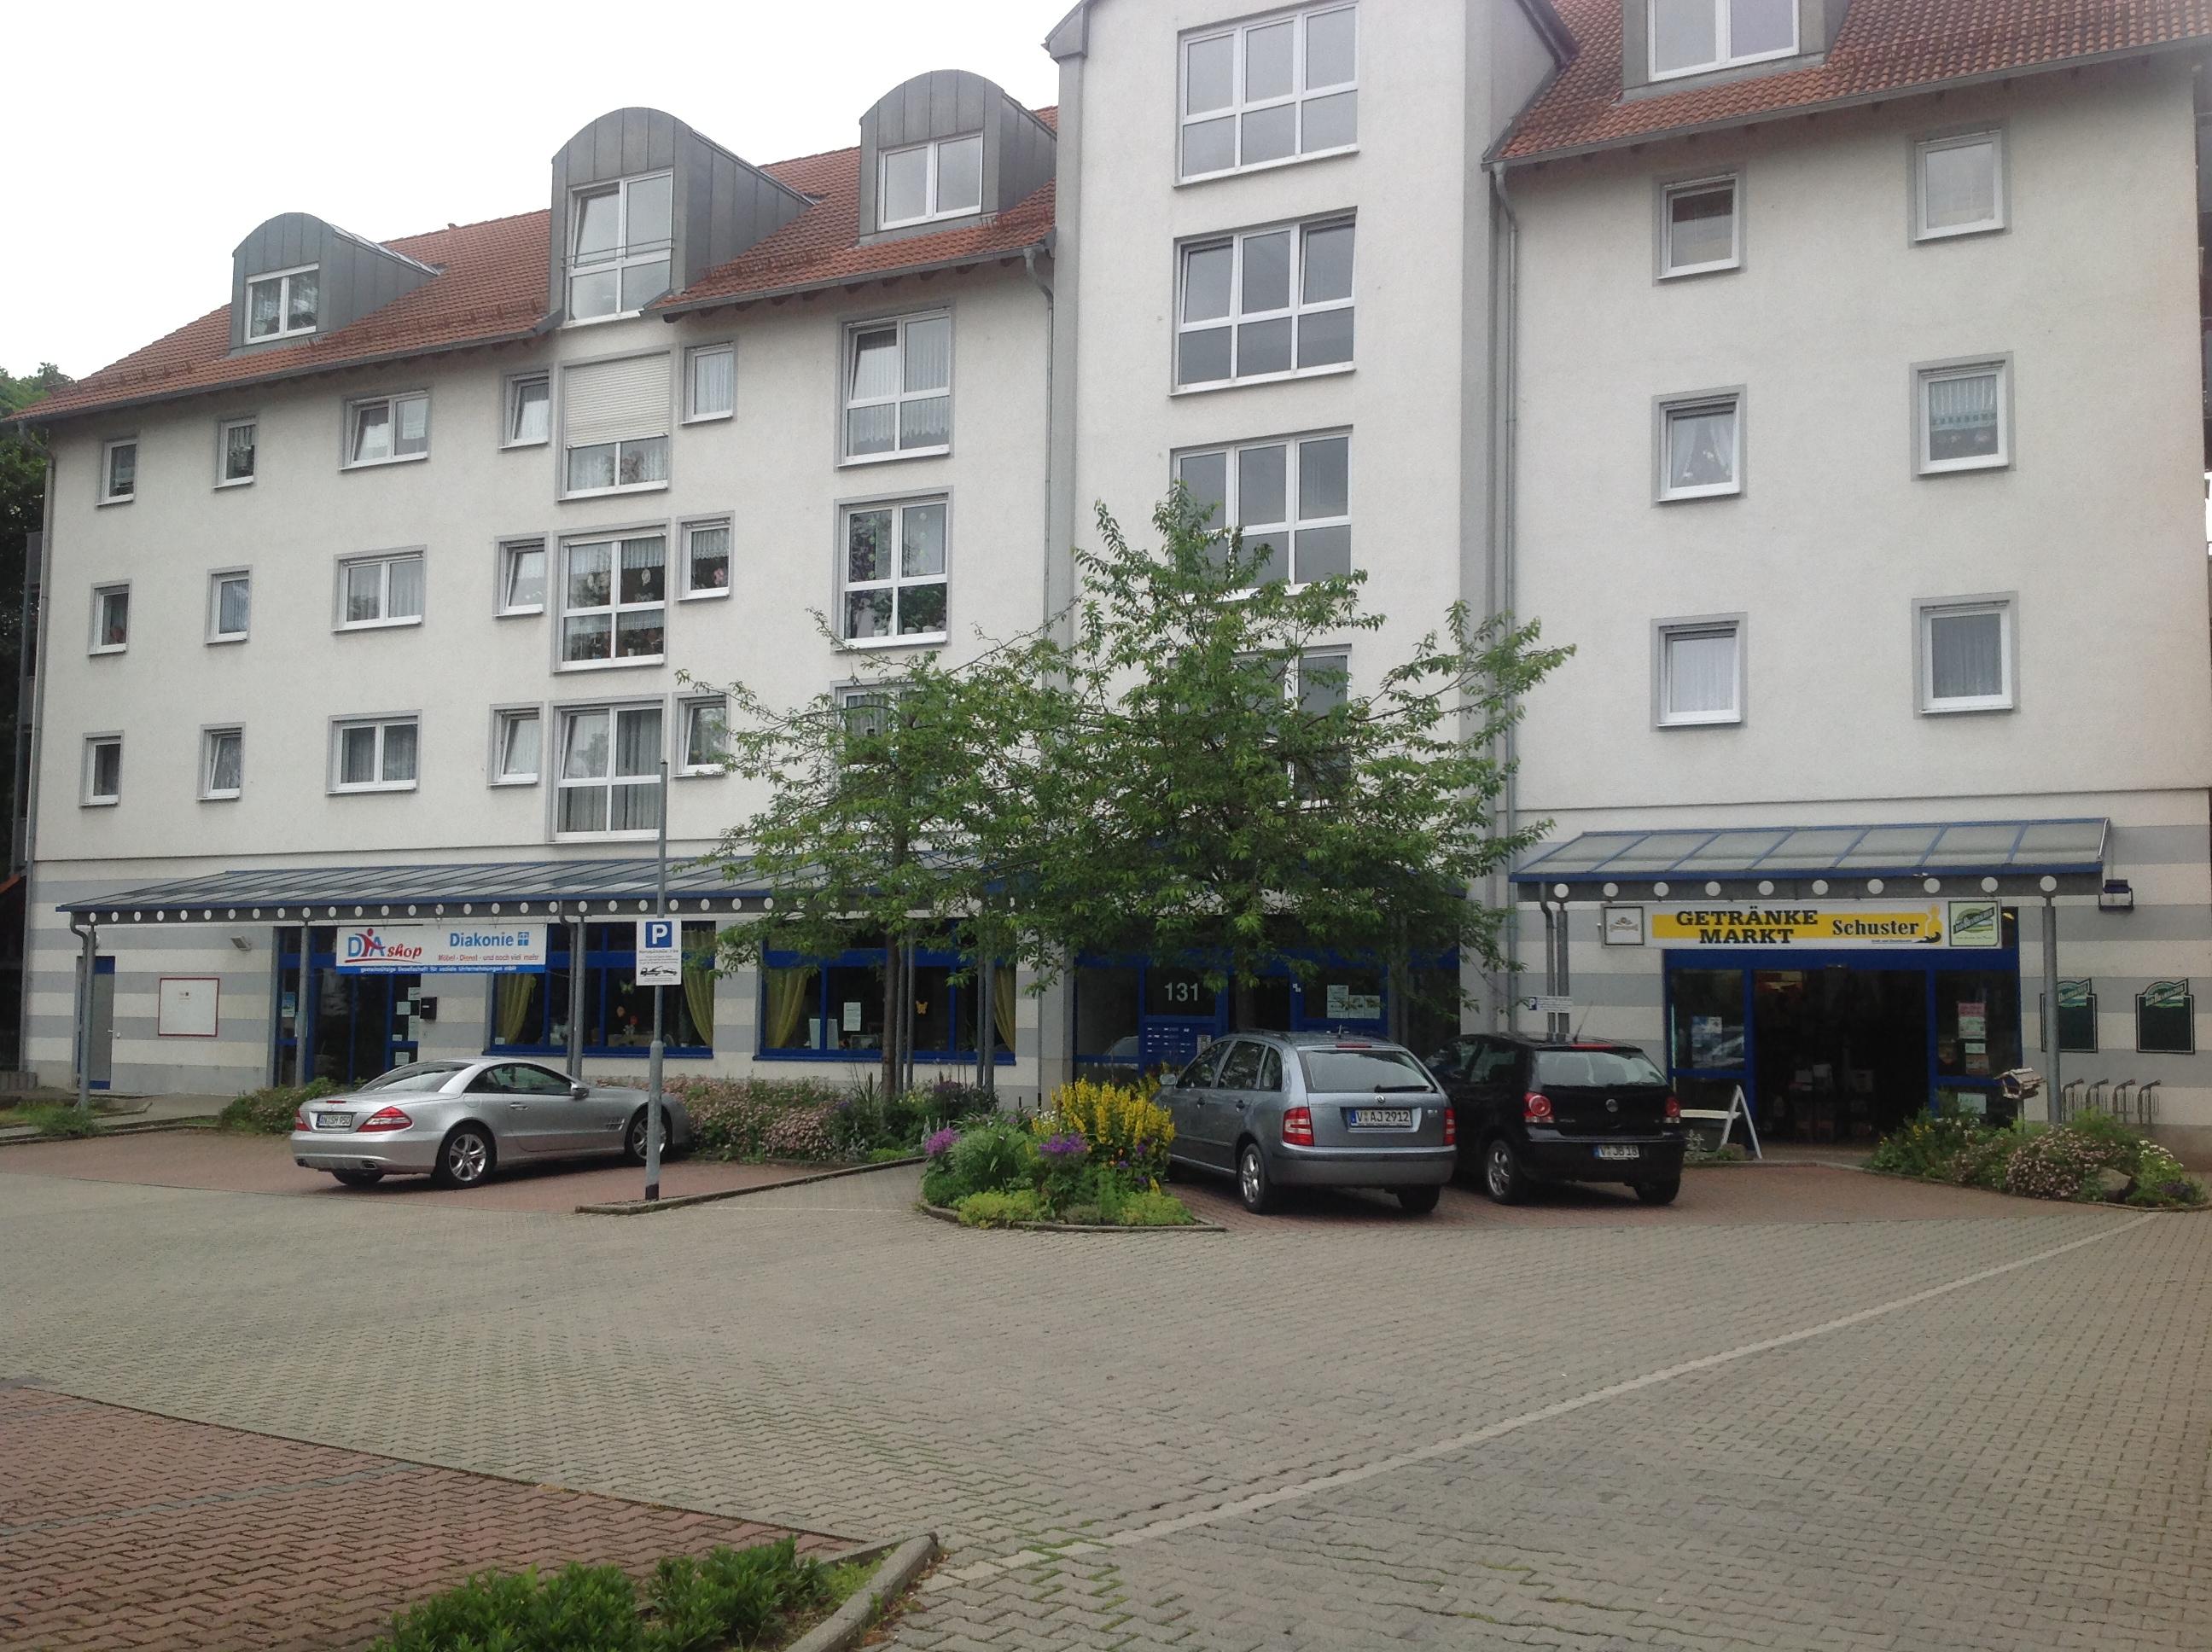 Plauen, Vogtland/Sachsen, Wohn- und Geschäftshaus, 35 WE